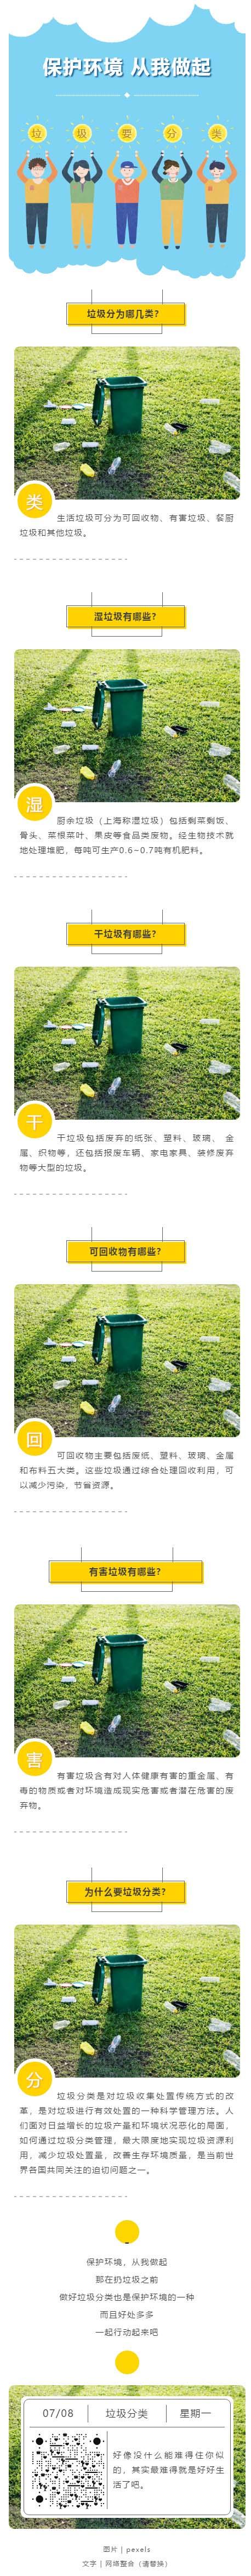 垃圾分类环保环境绿色风格图文模板微信推送图文素材